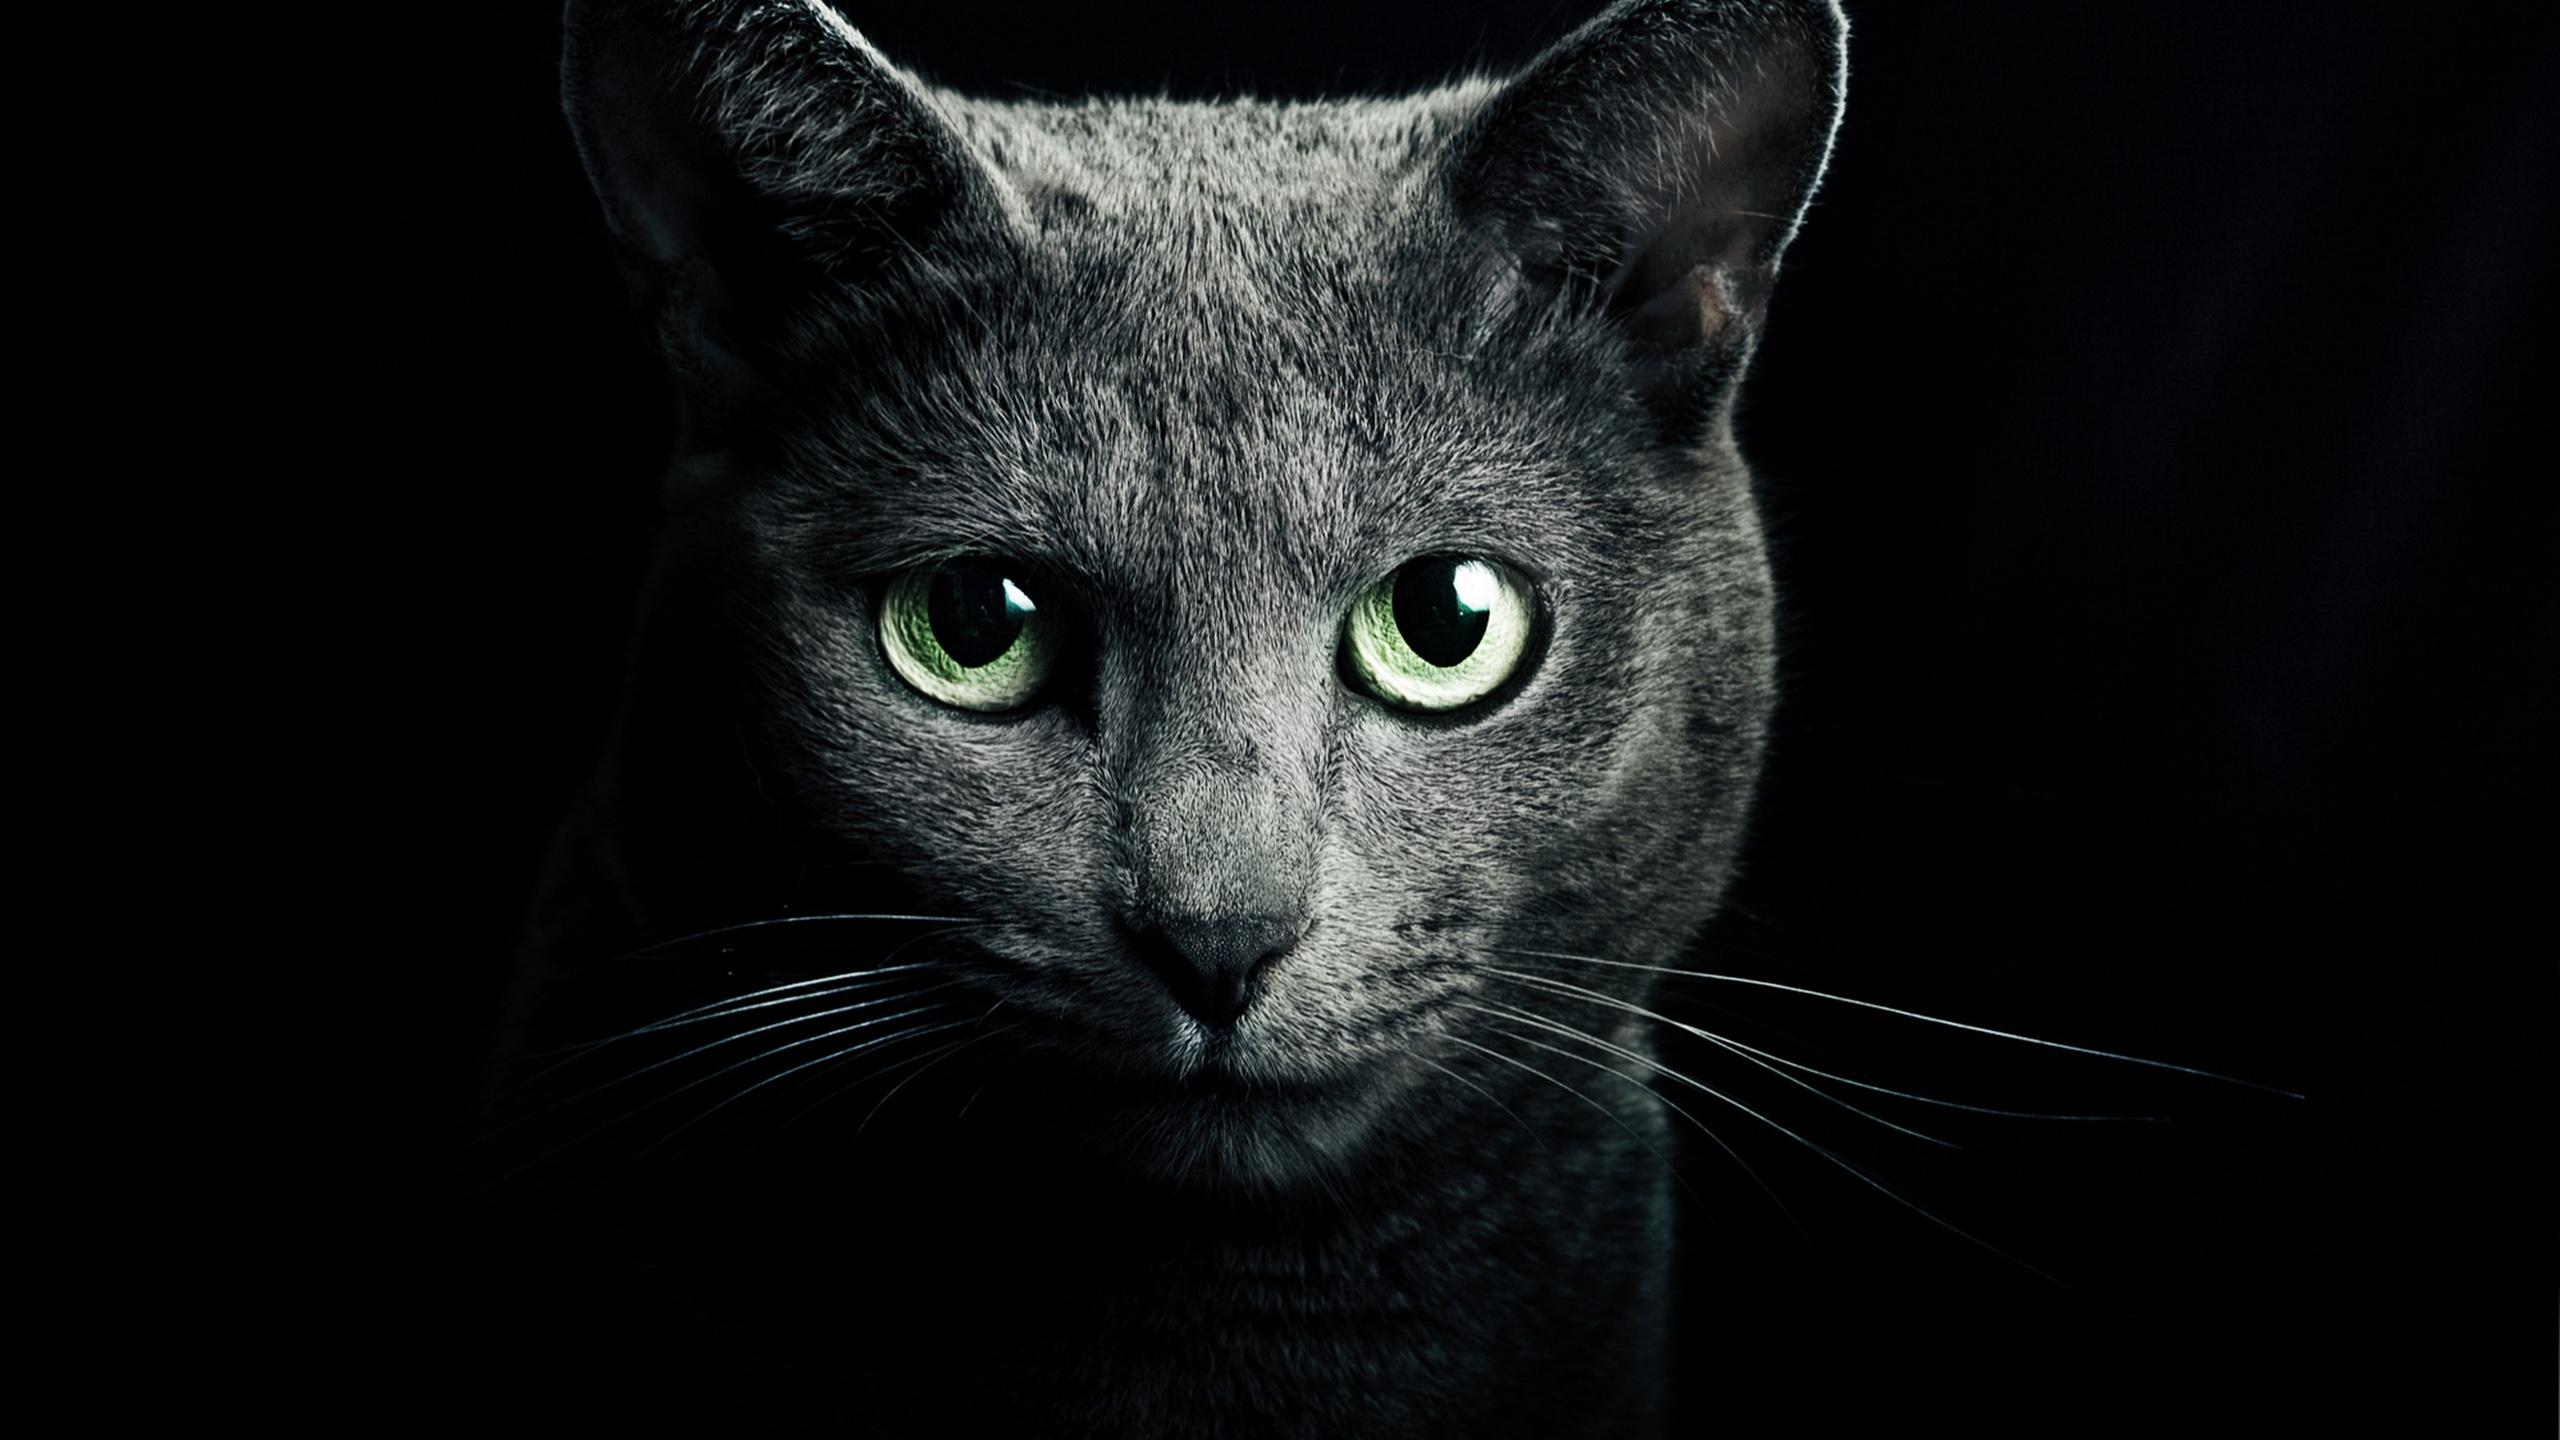 Fonds d'écran Chat noir, yeux verts, fond noir 2560x1920 HD image